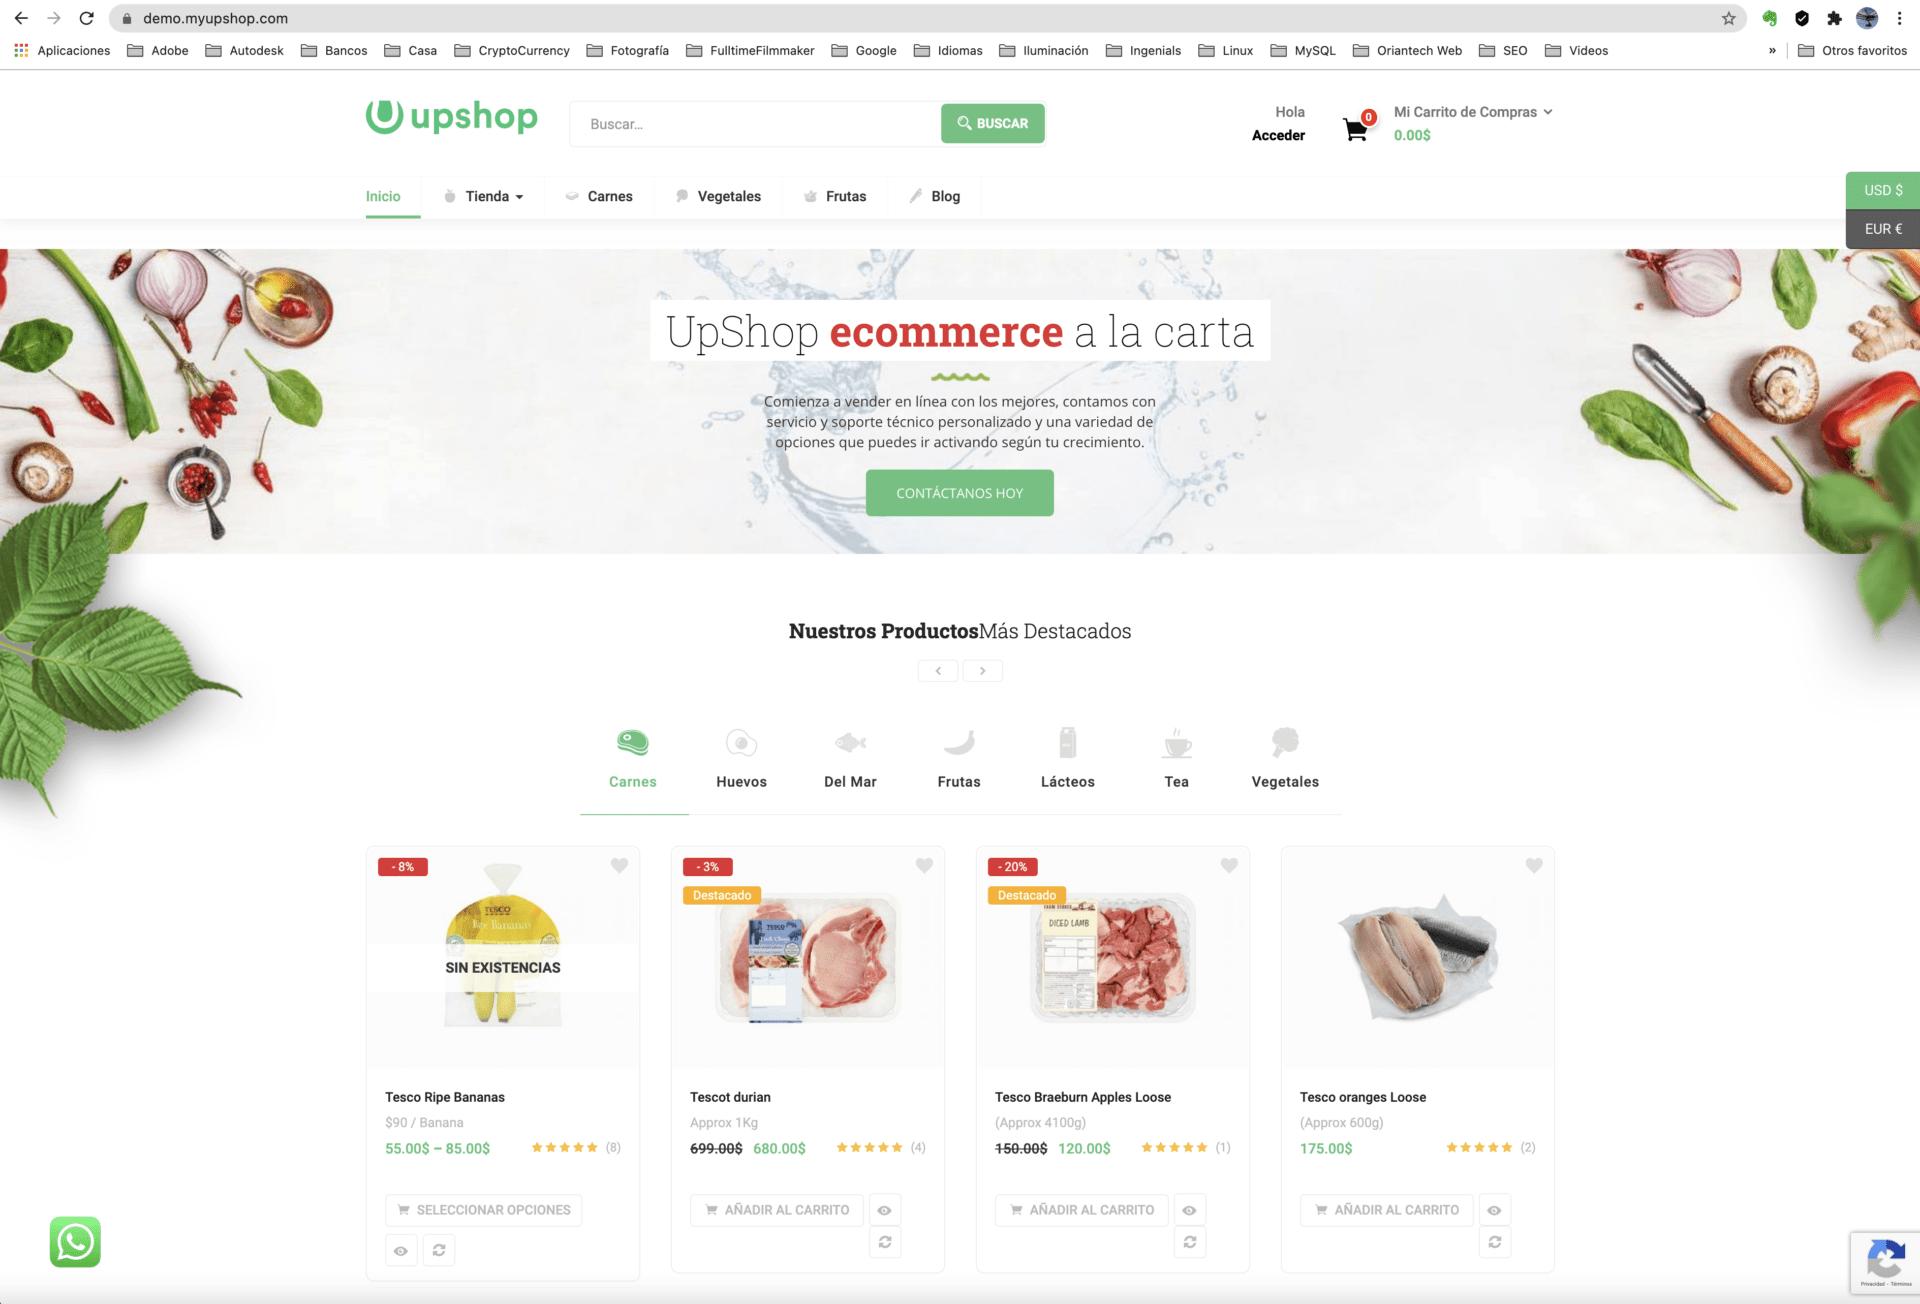 oriantech-demo-myupshop.com